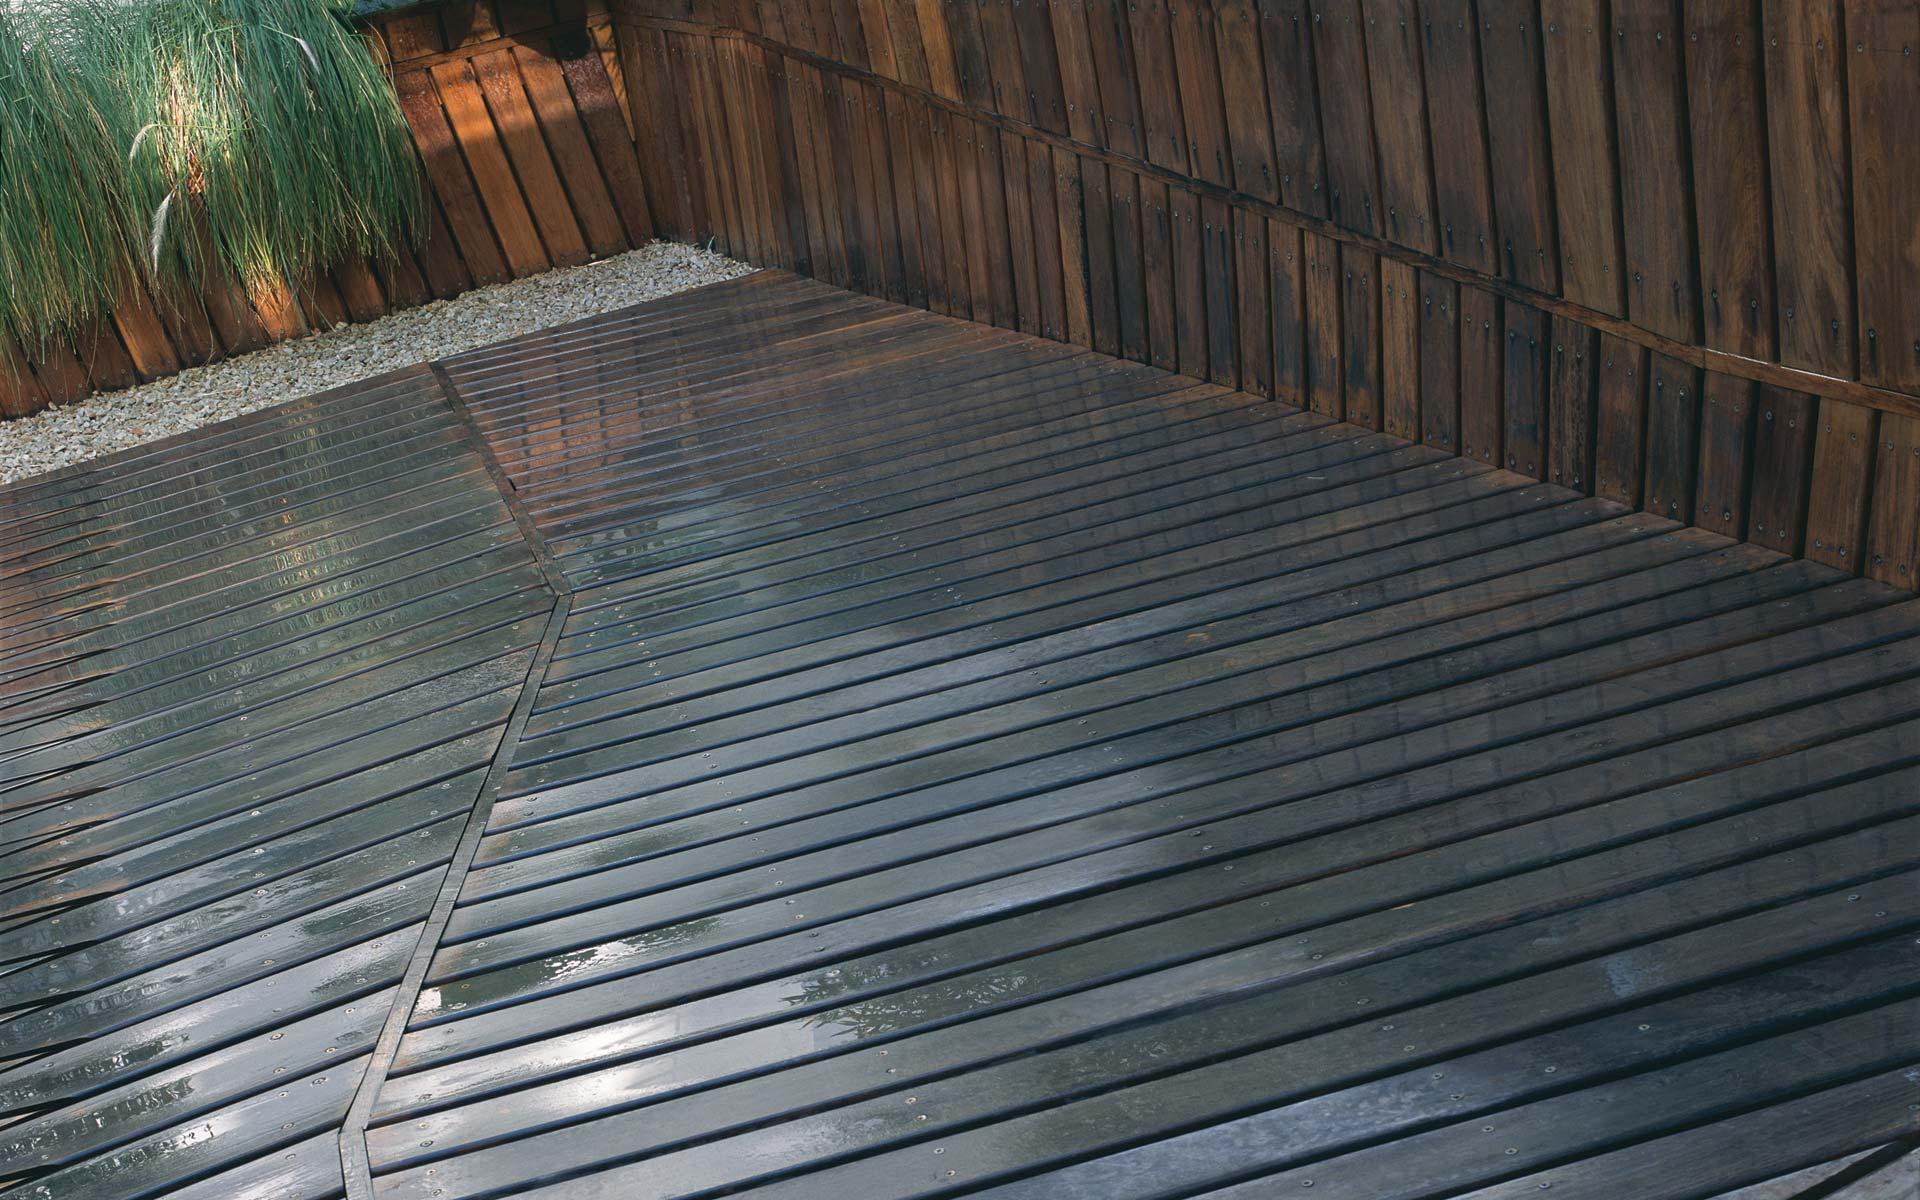 paisajismo, reforma patio jardín deck de madera y lajas de piedra